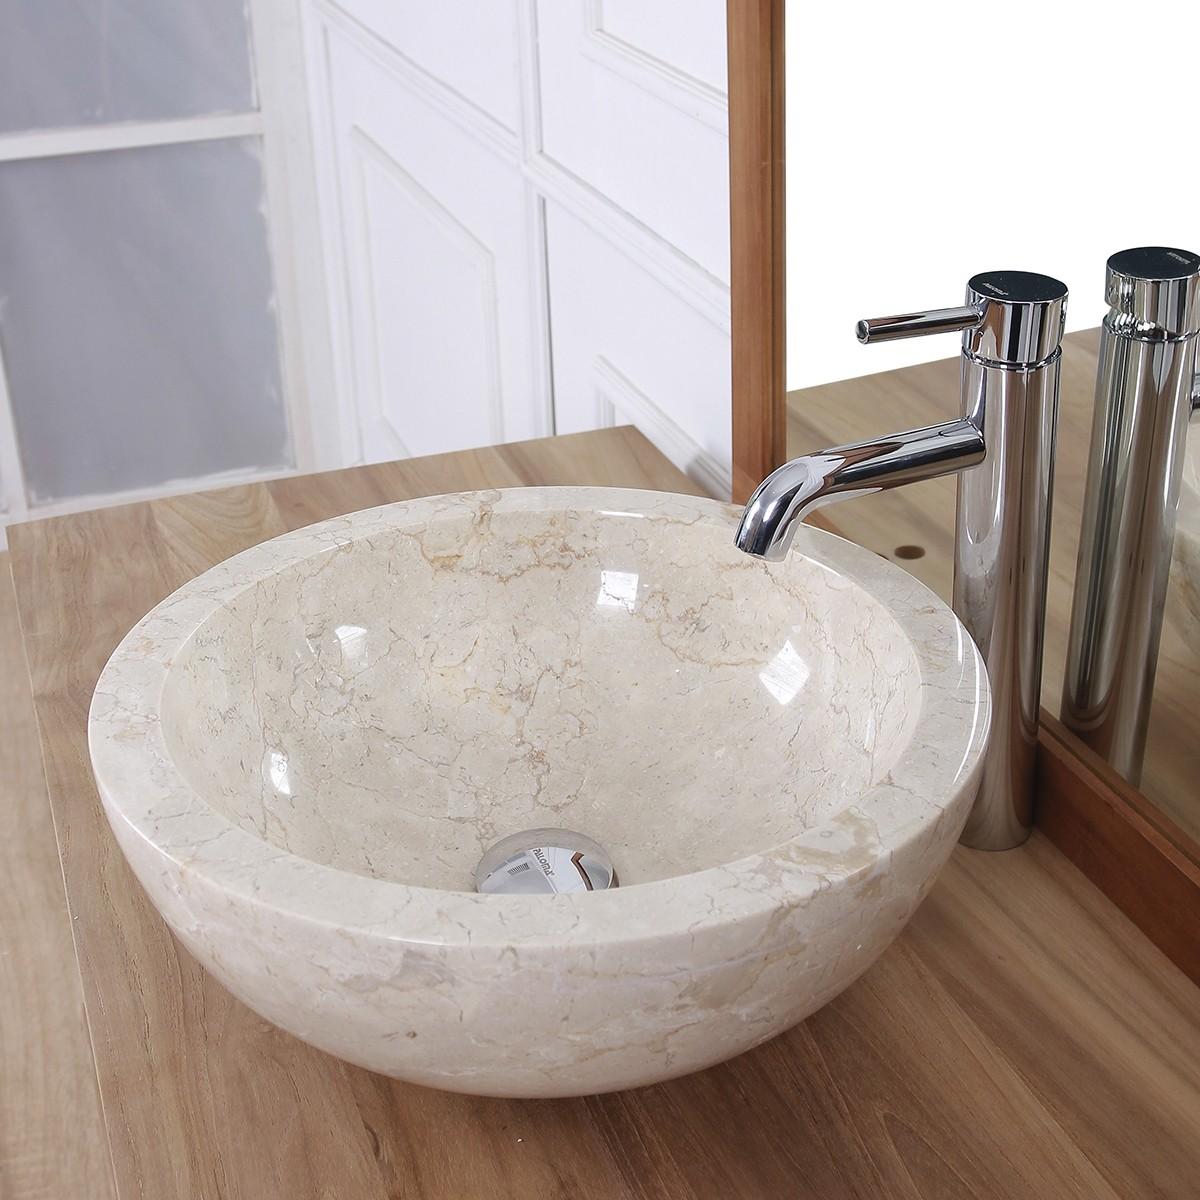 vasque boule en pierre de marbre blanc bois dessus bois dessous. Black Bedroom Furniture Sets. Home Design Ideas